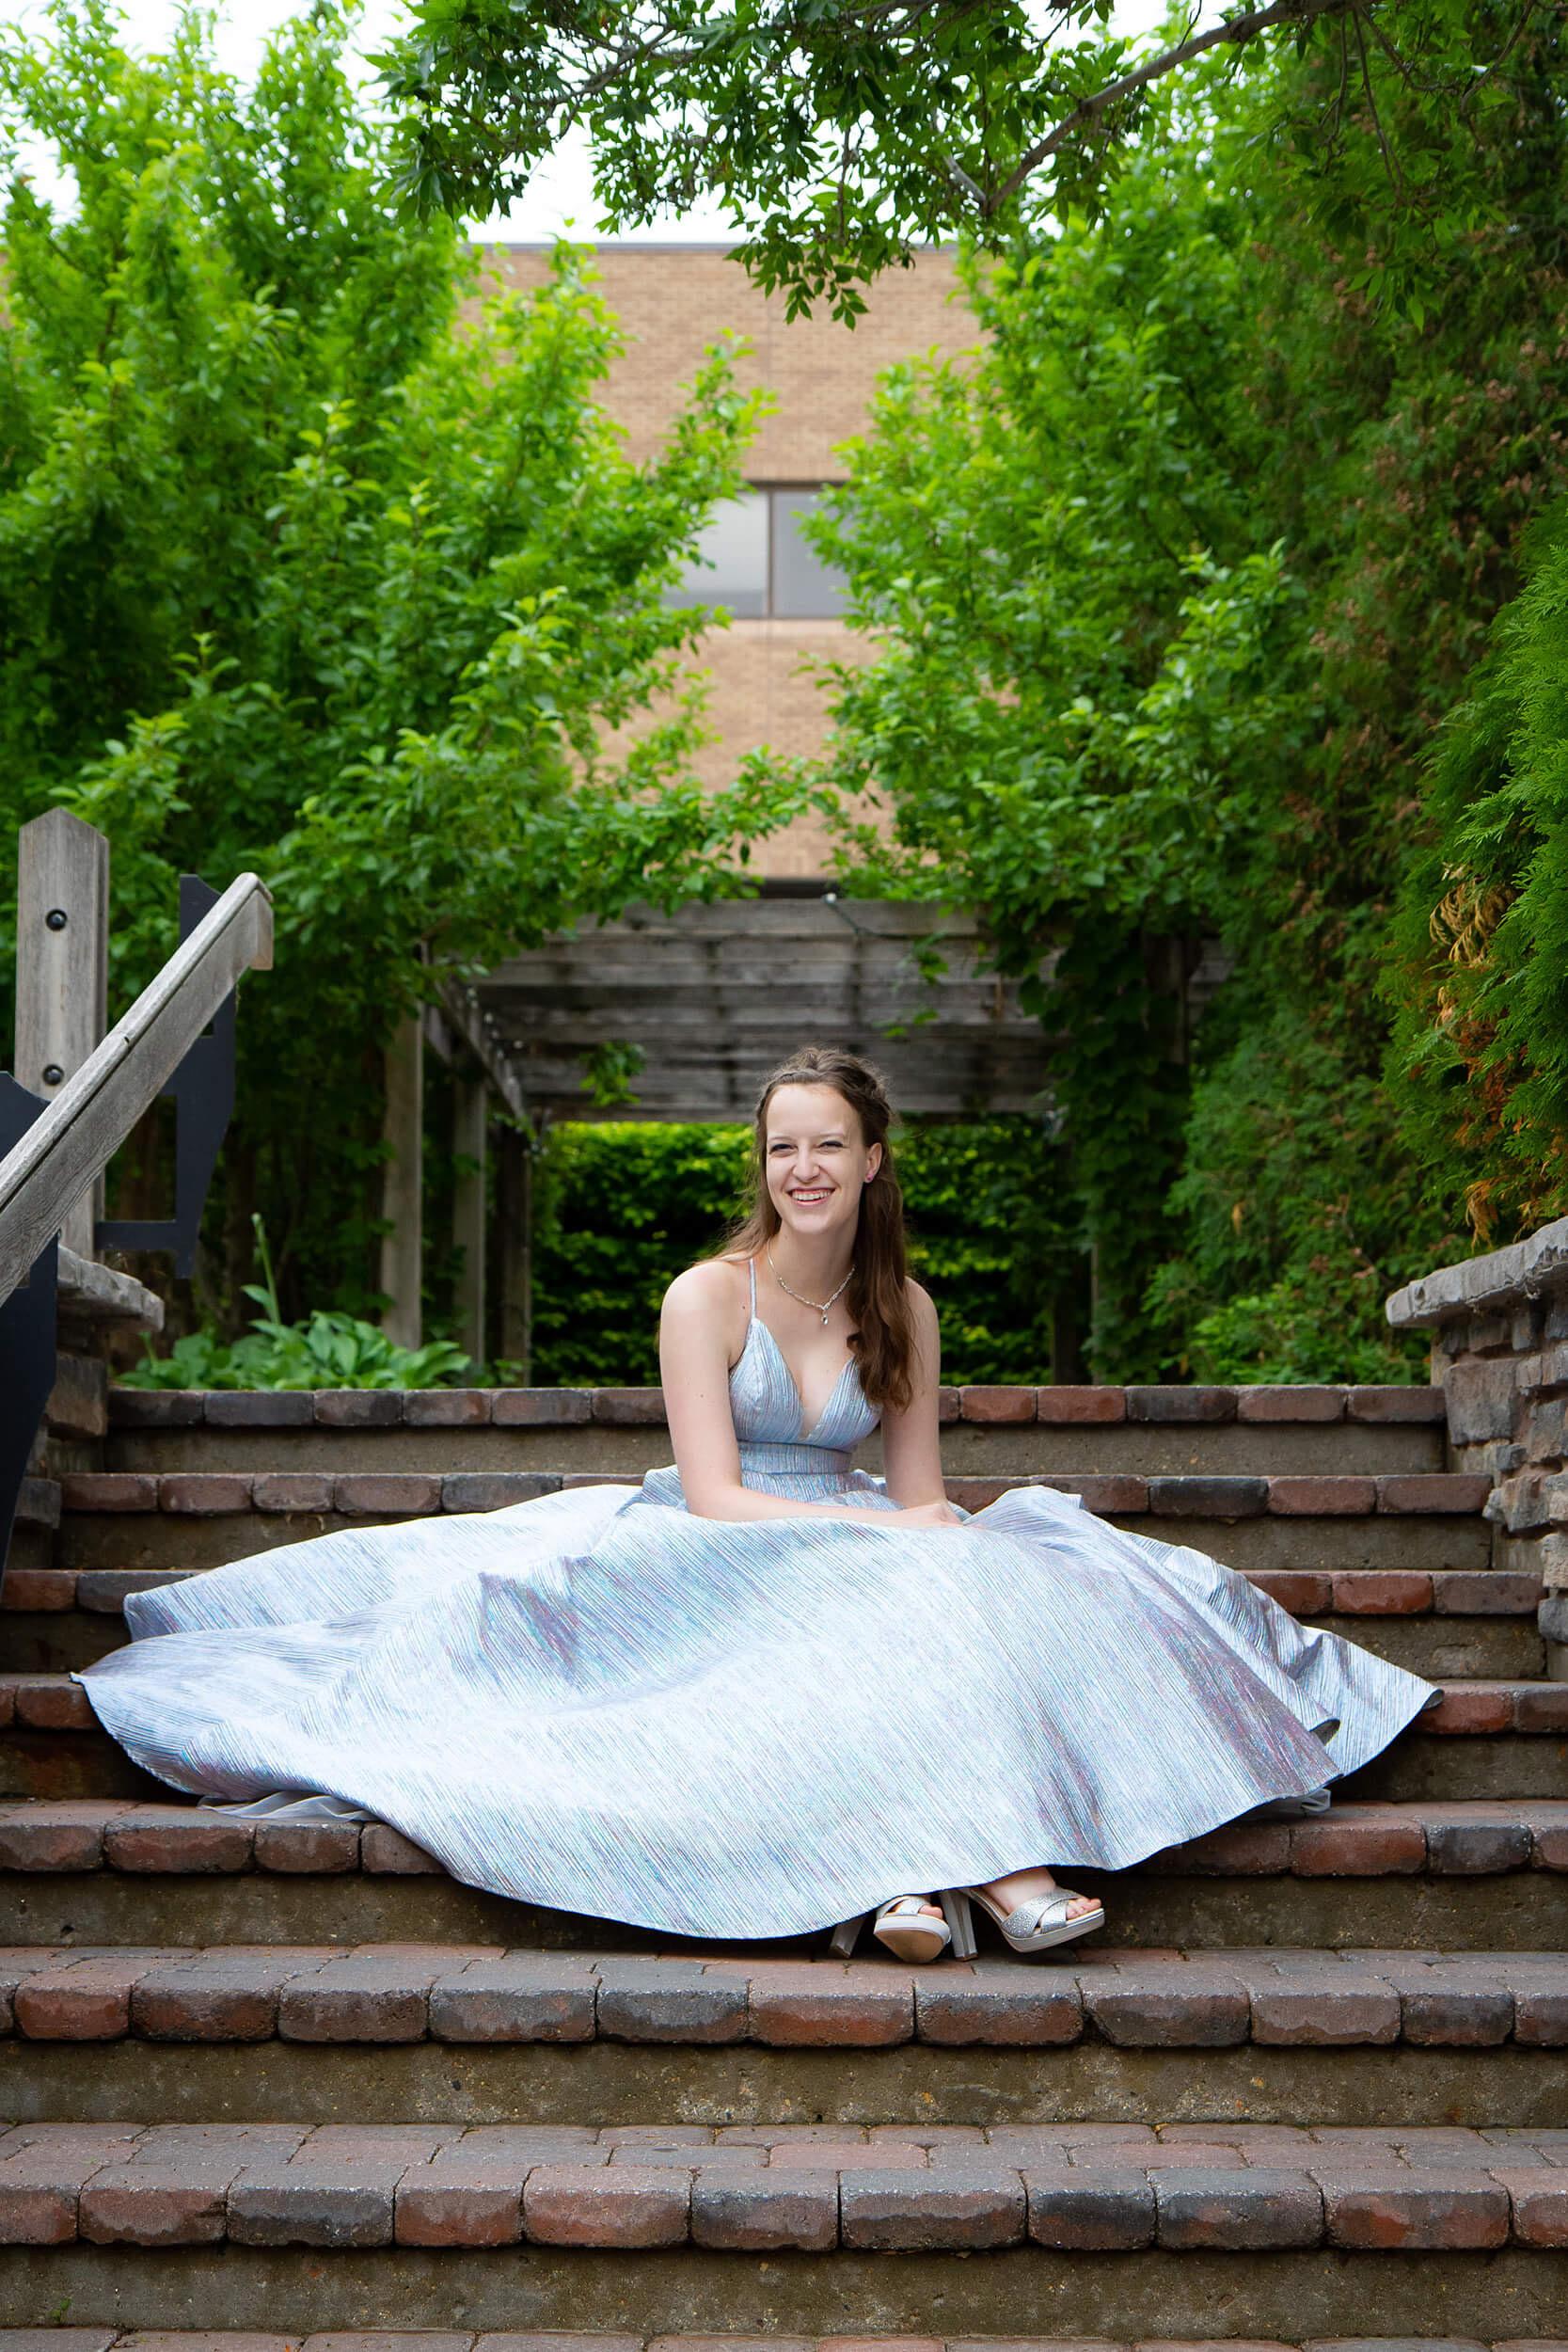 Saskatoon Formal Grad Prom female photo full skirt silver dress Boffins Gardens